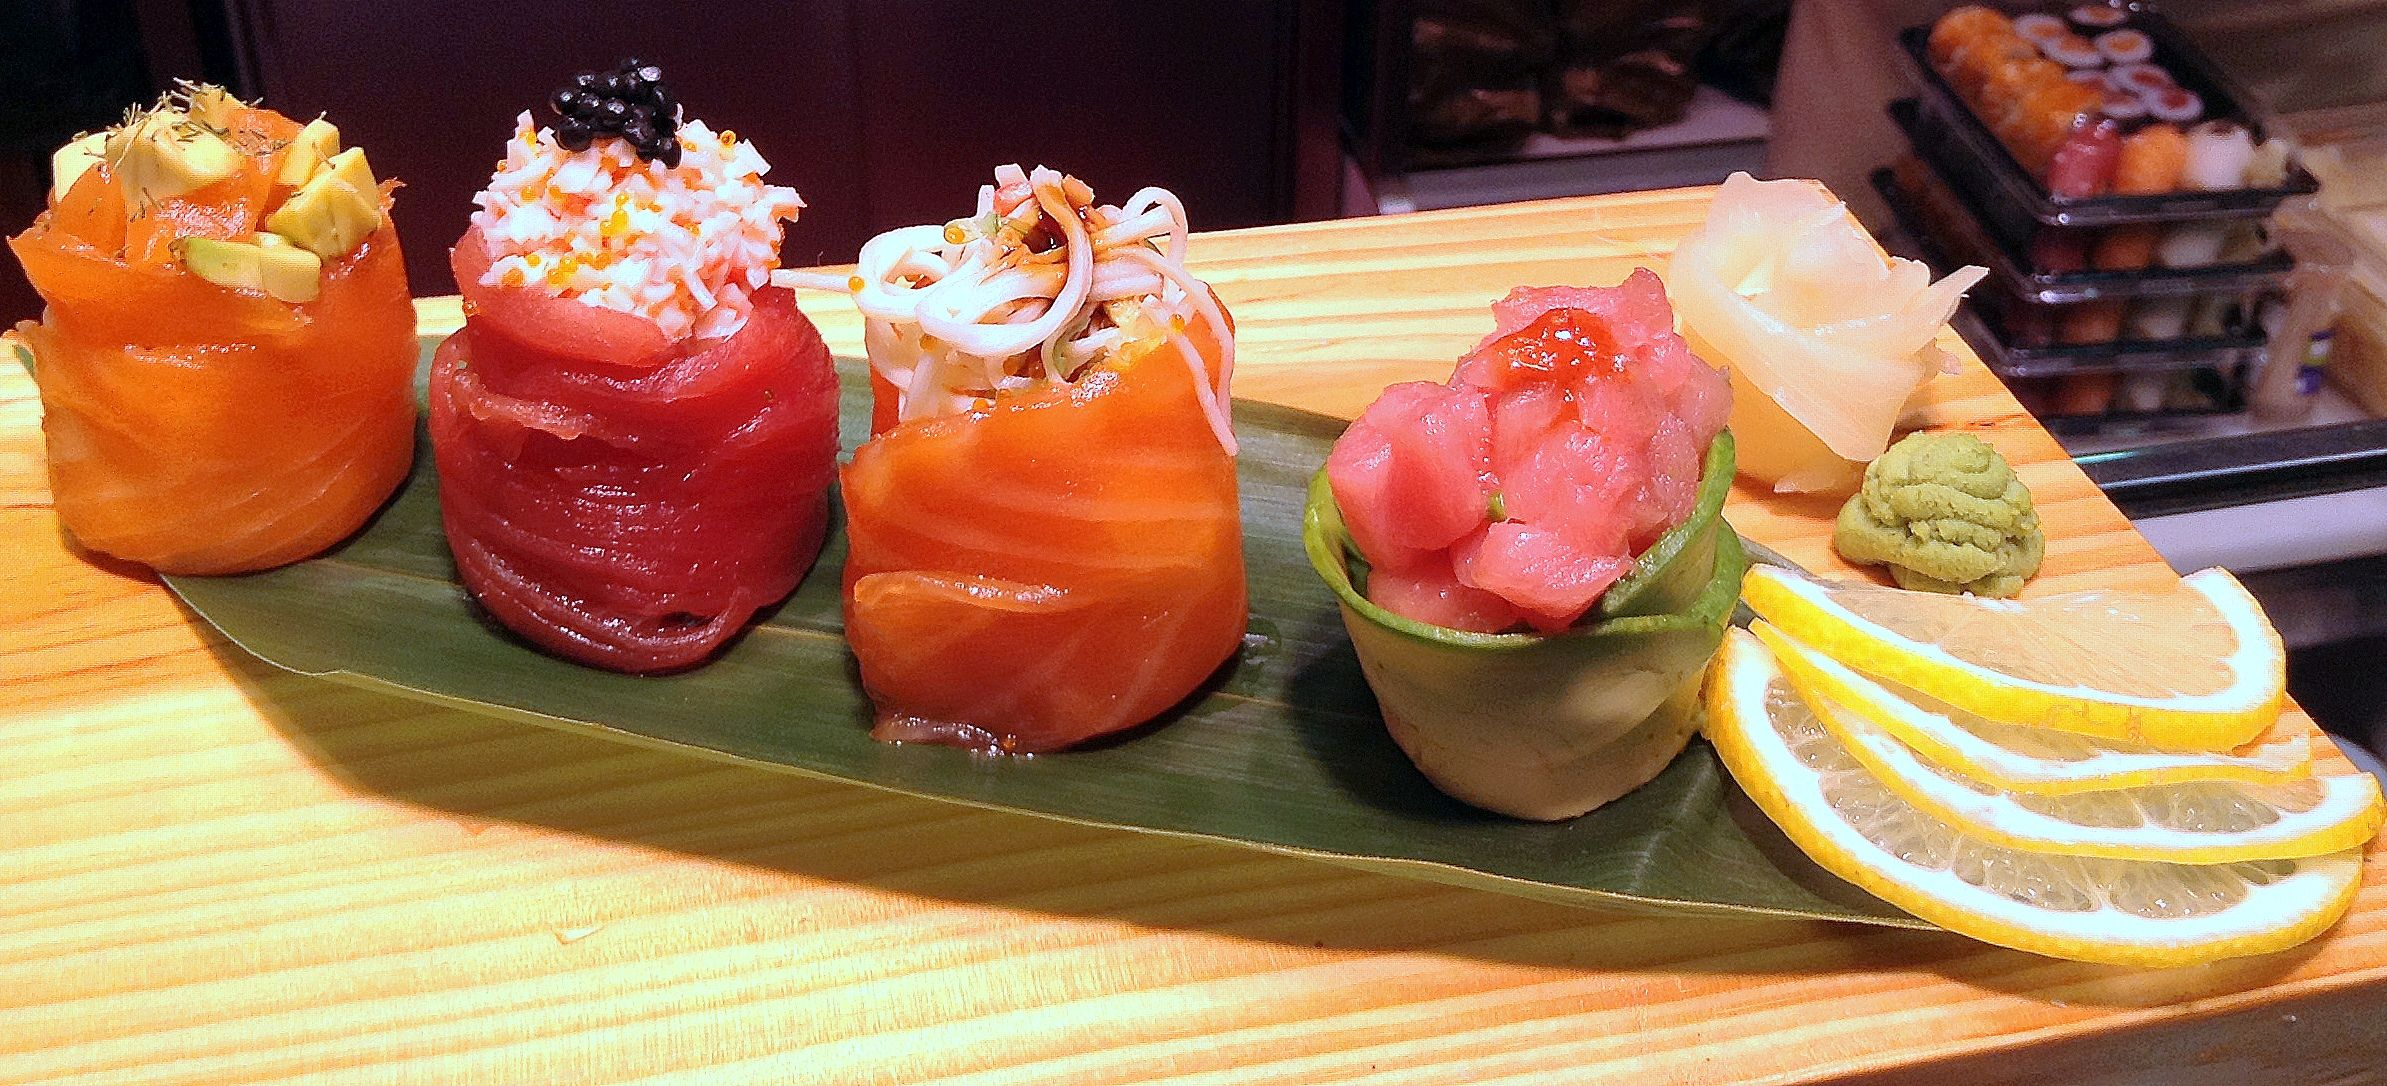 #Sushi Pescadería Ernesto Prieto #MercadodeChamartin #Madrid #Pescadería #Comidaparallevar